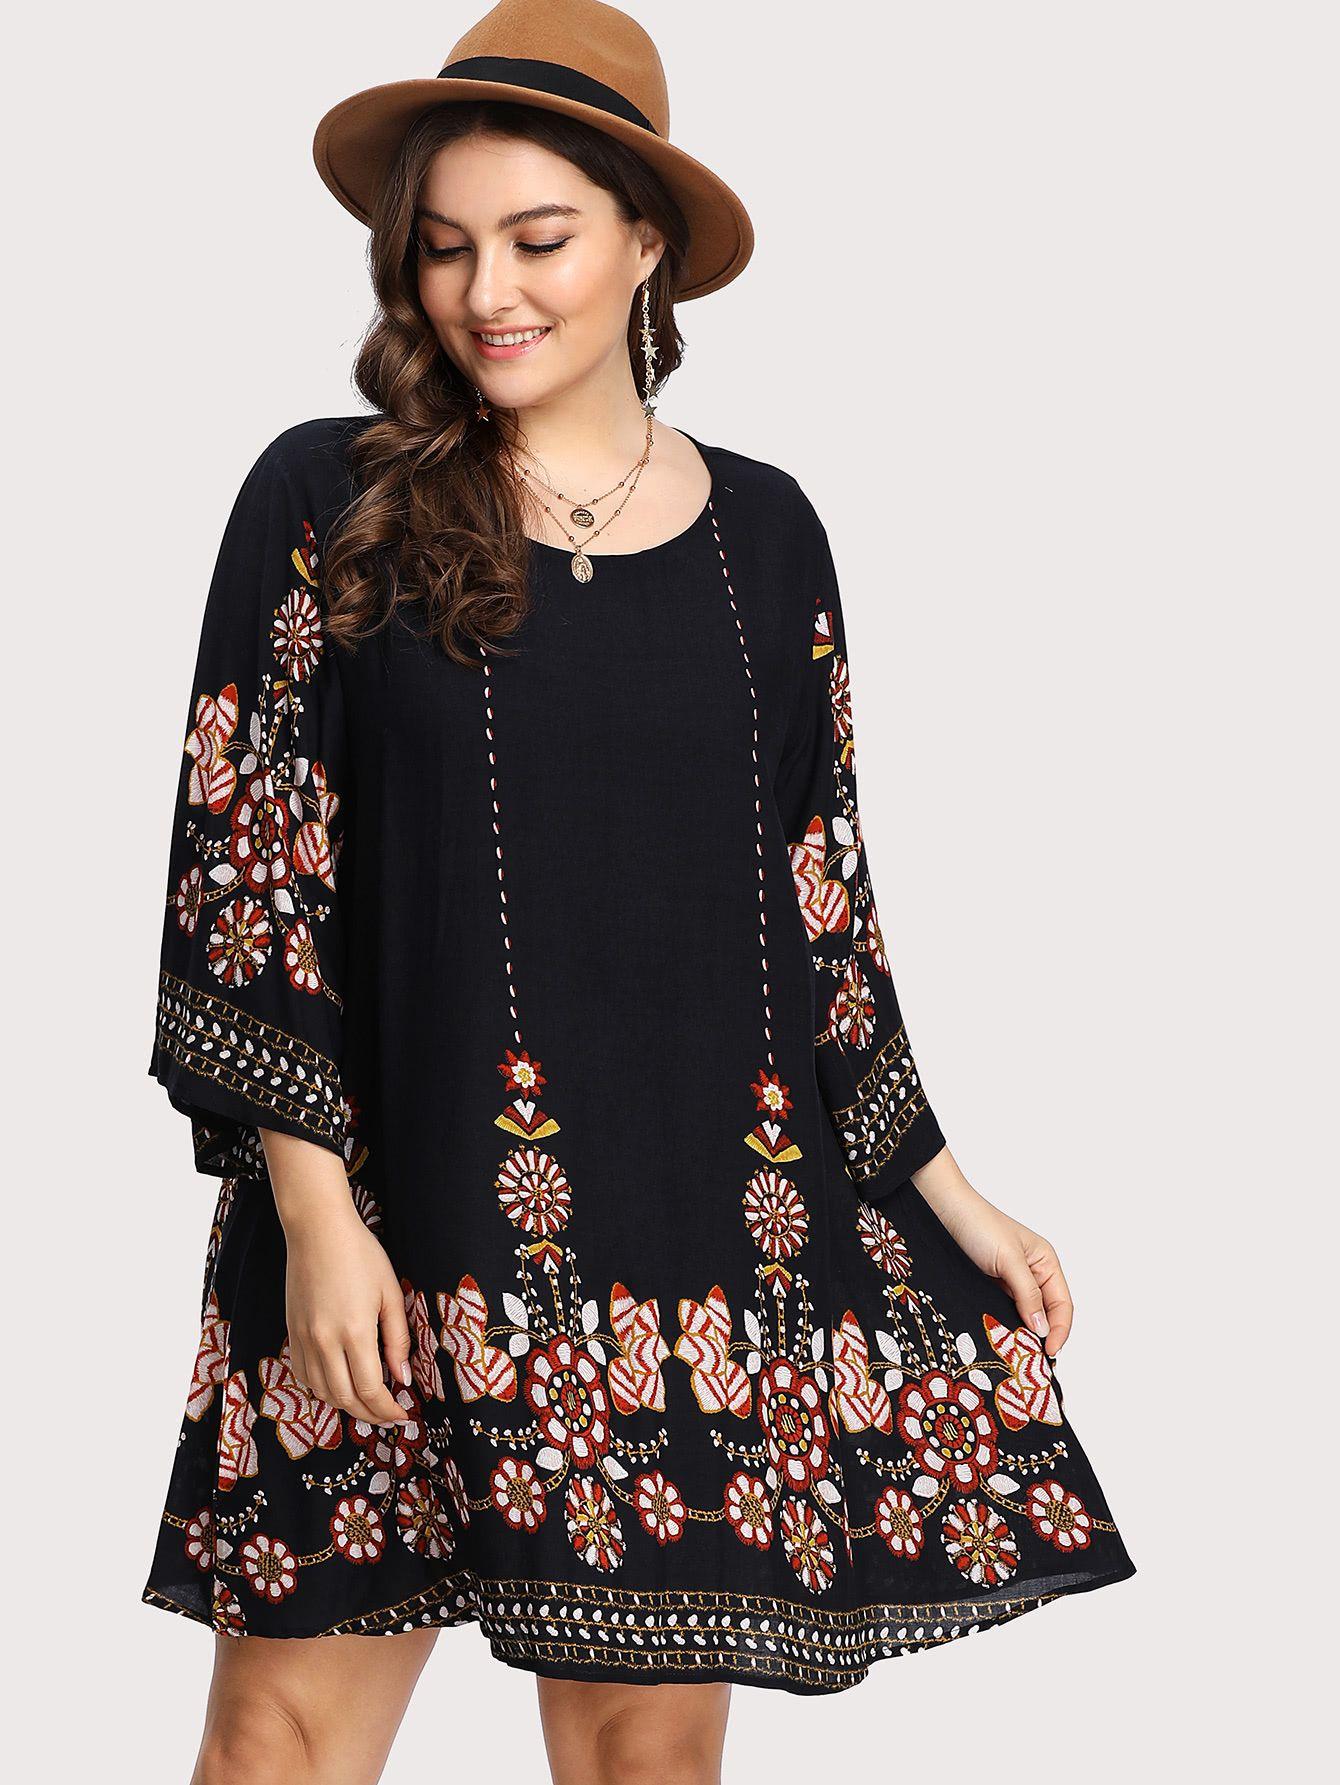 tunika kleid mit blumenmuster - german shein(sheinside